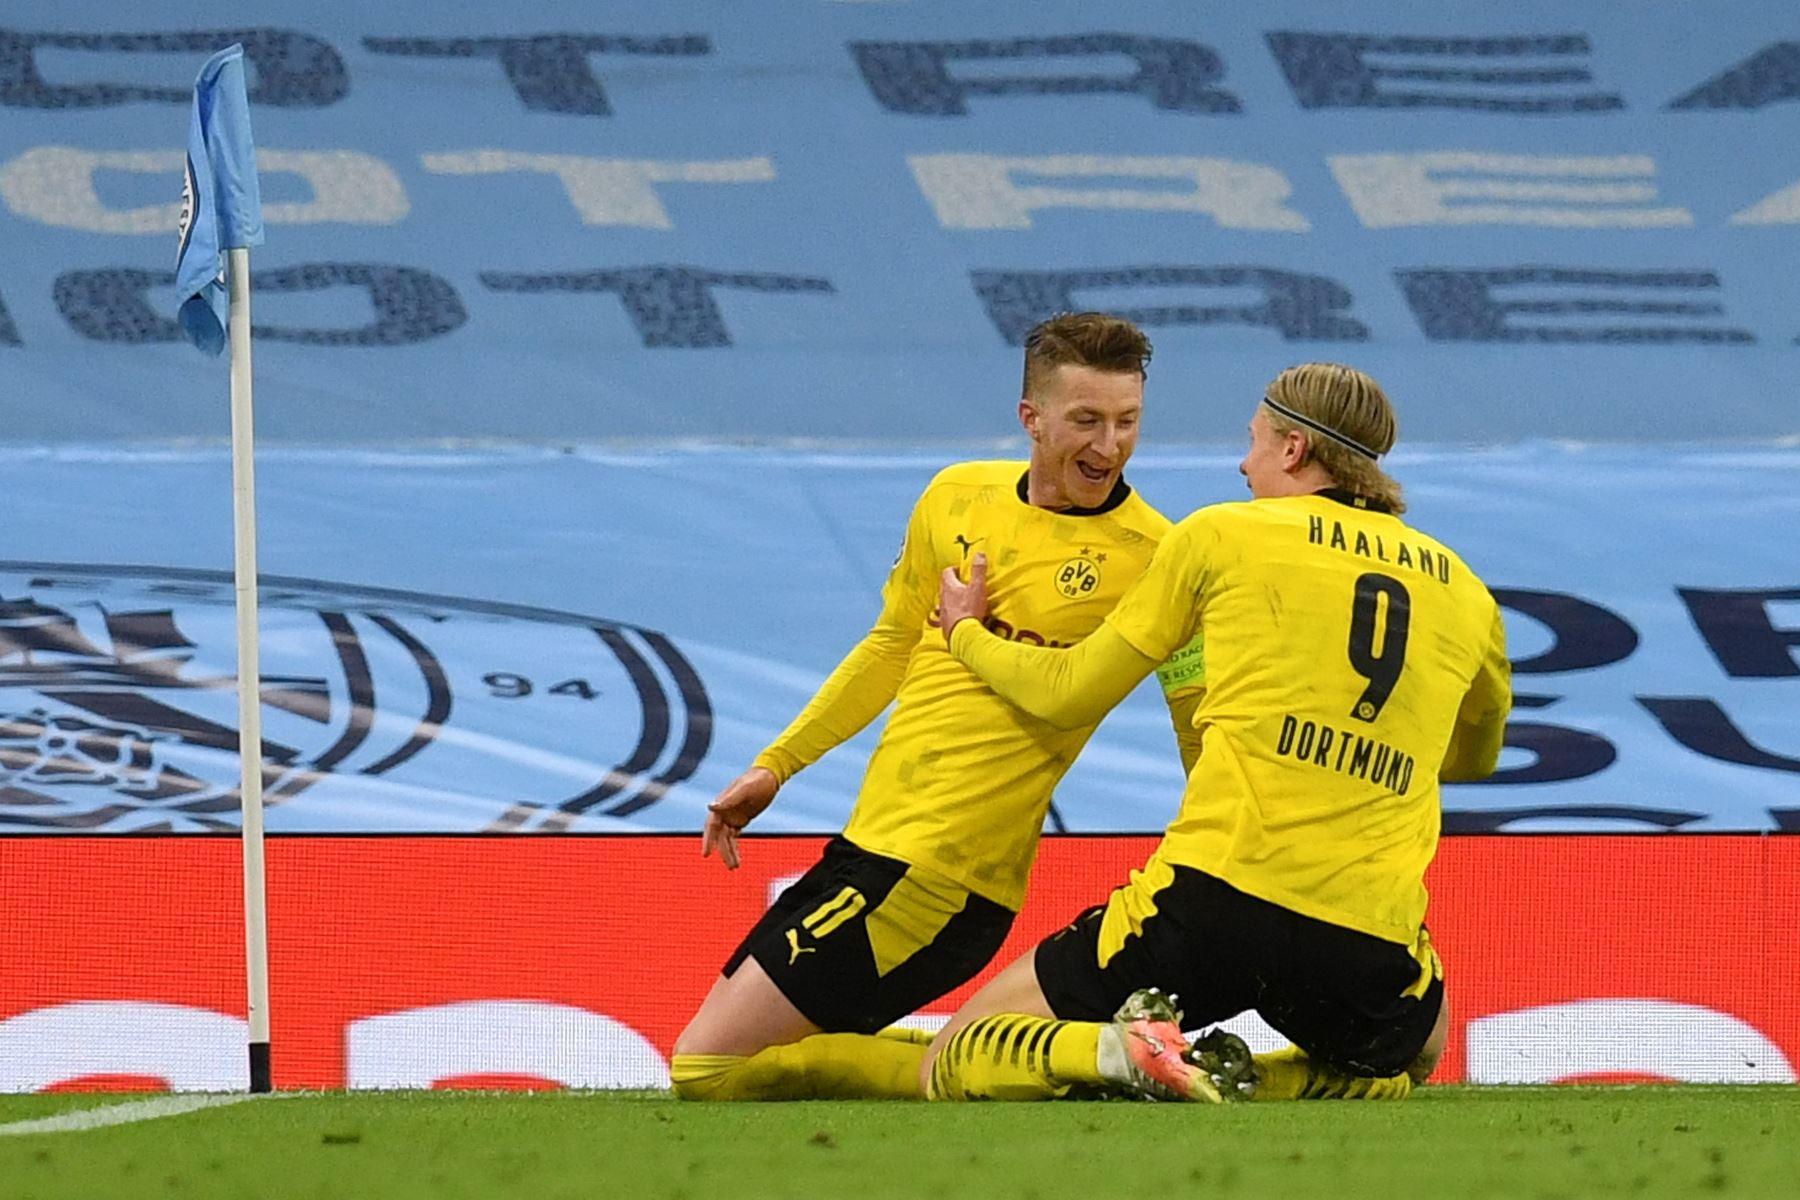 El delantero alemán del Dortmund Marco Reus celebra tras anotar el gol de la igualación con el delantero noruego del Dortmund Erling Braut Haaland durante el partido de ida de cuartos de final de la Liga de Campeones de la UEFA. Foto: AFP